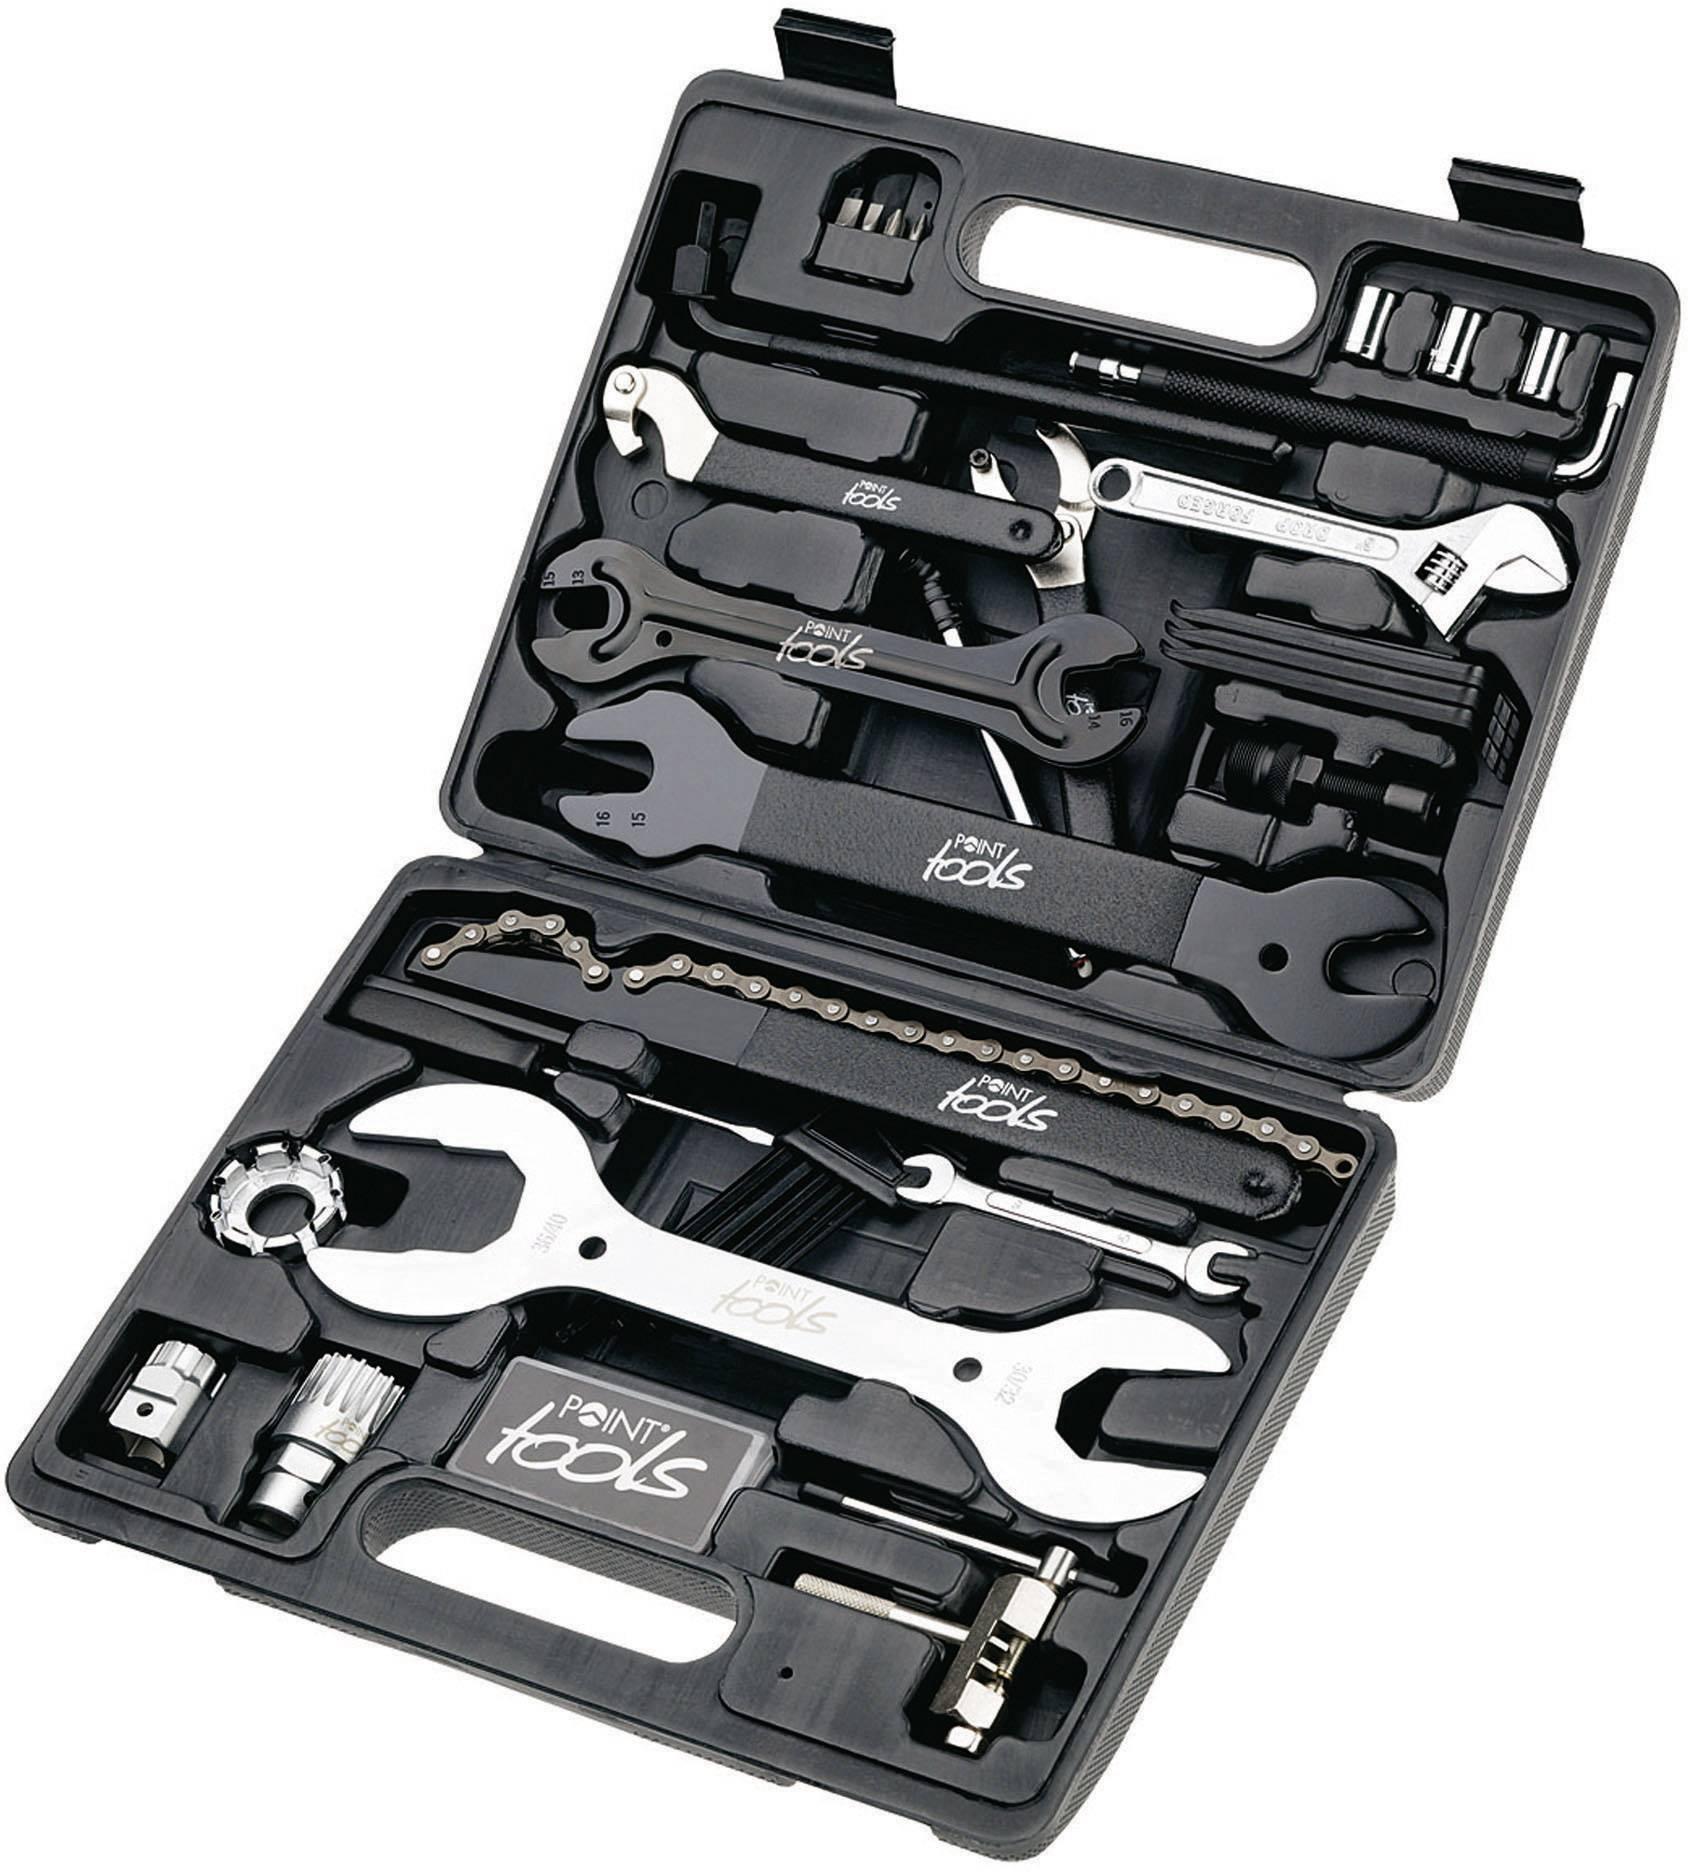 Sada nářadí v kufříku pro cyklisty Point Toolbox 36, 36dílná